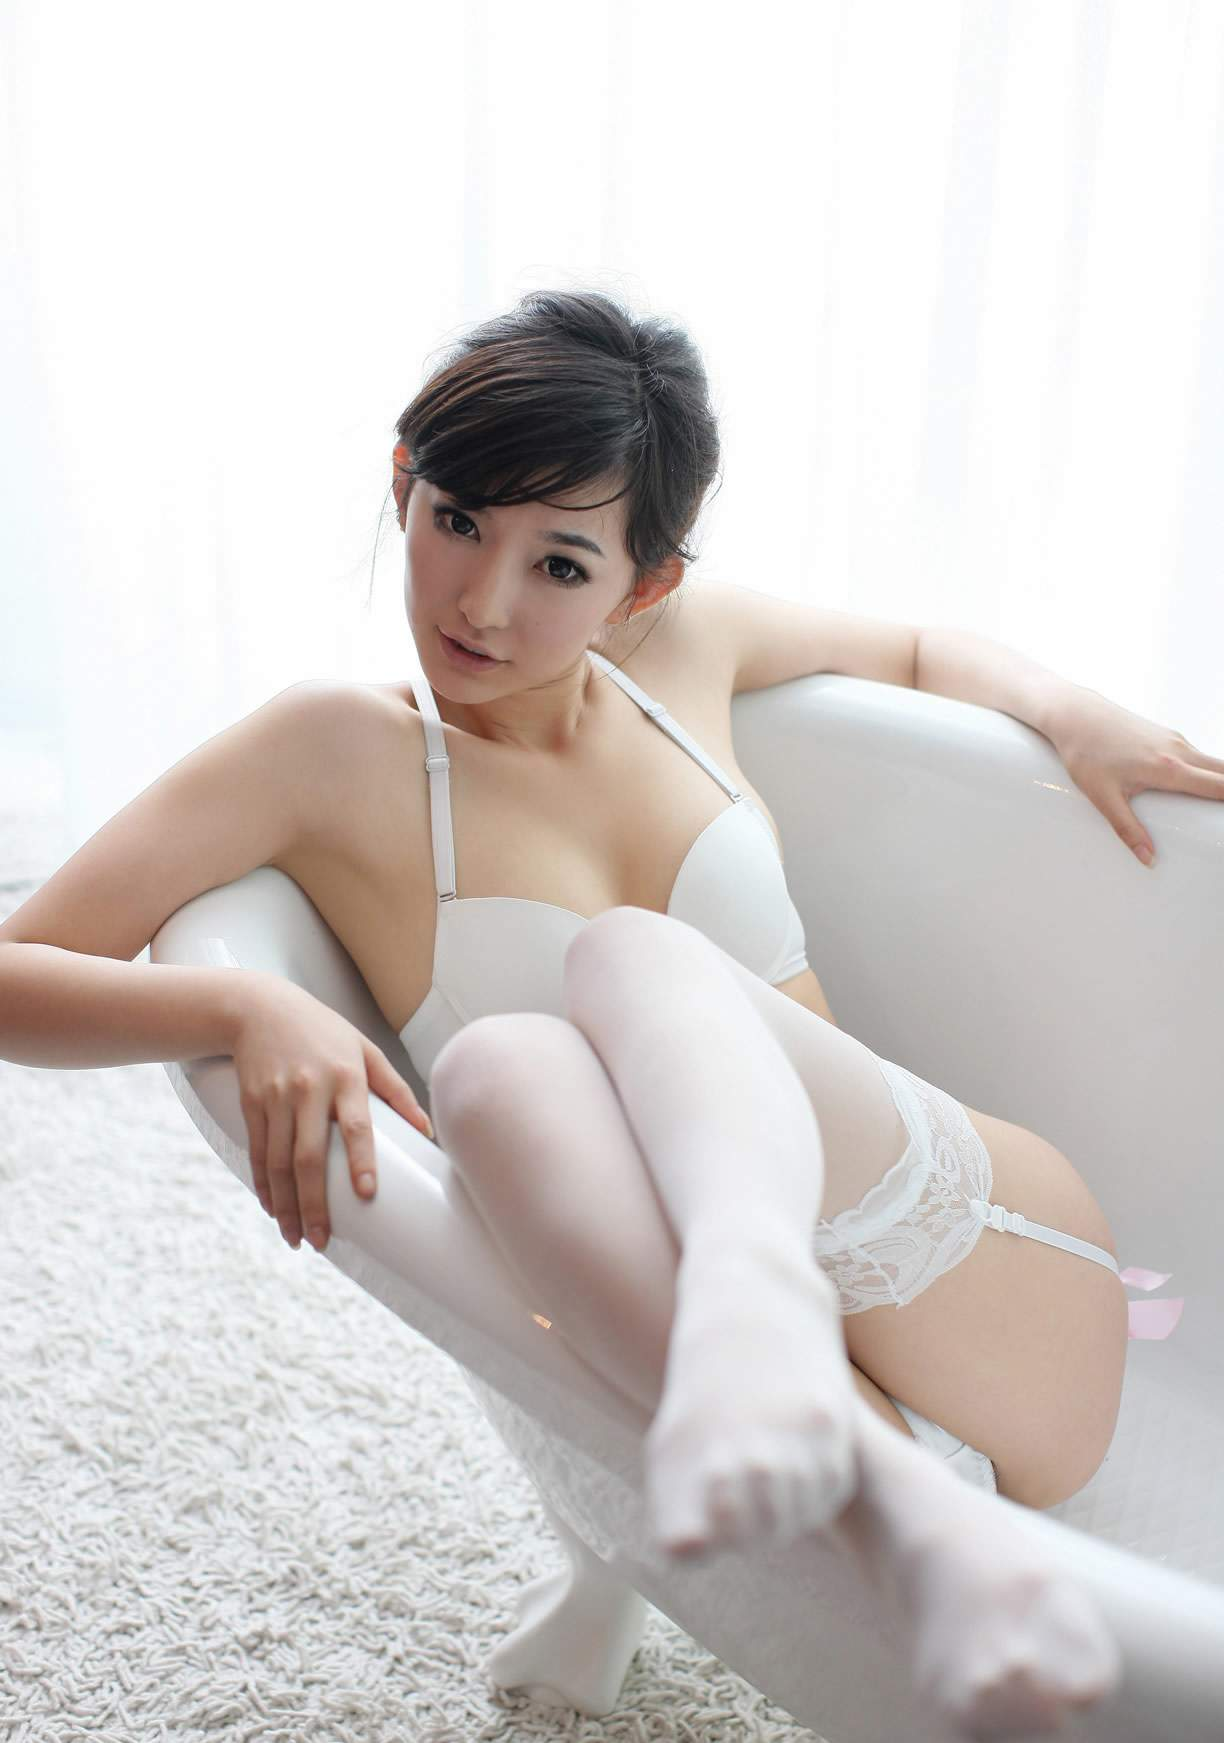 性感的内衣少女白色丝袜写真 美女贴图 华声论坛